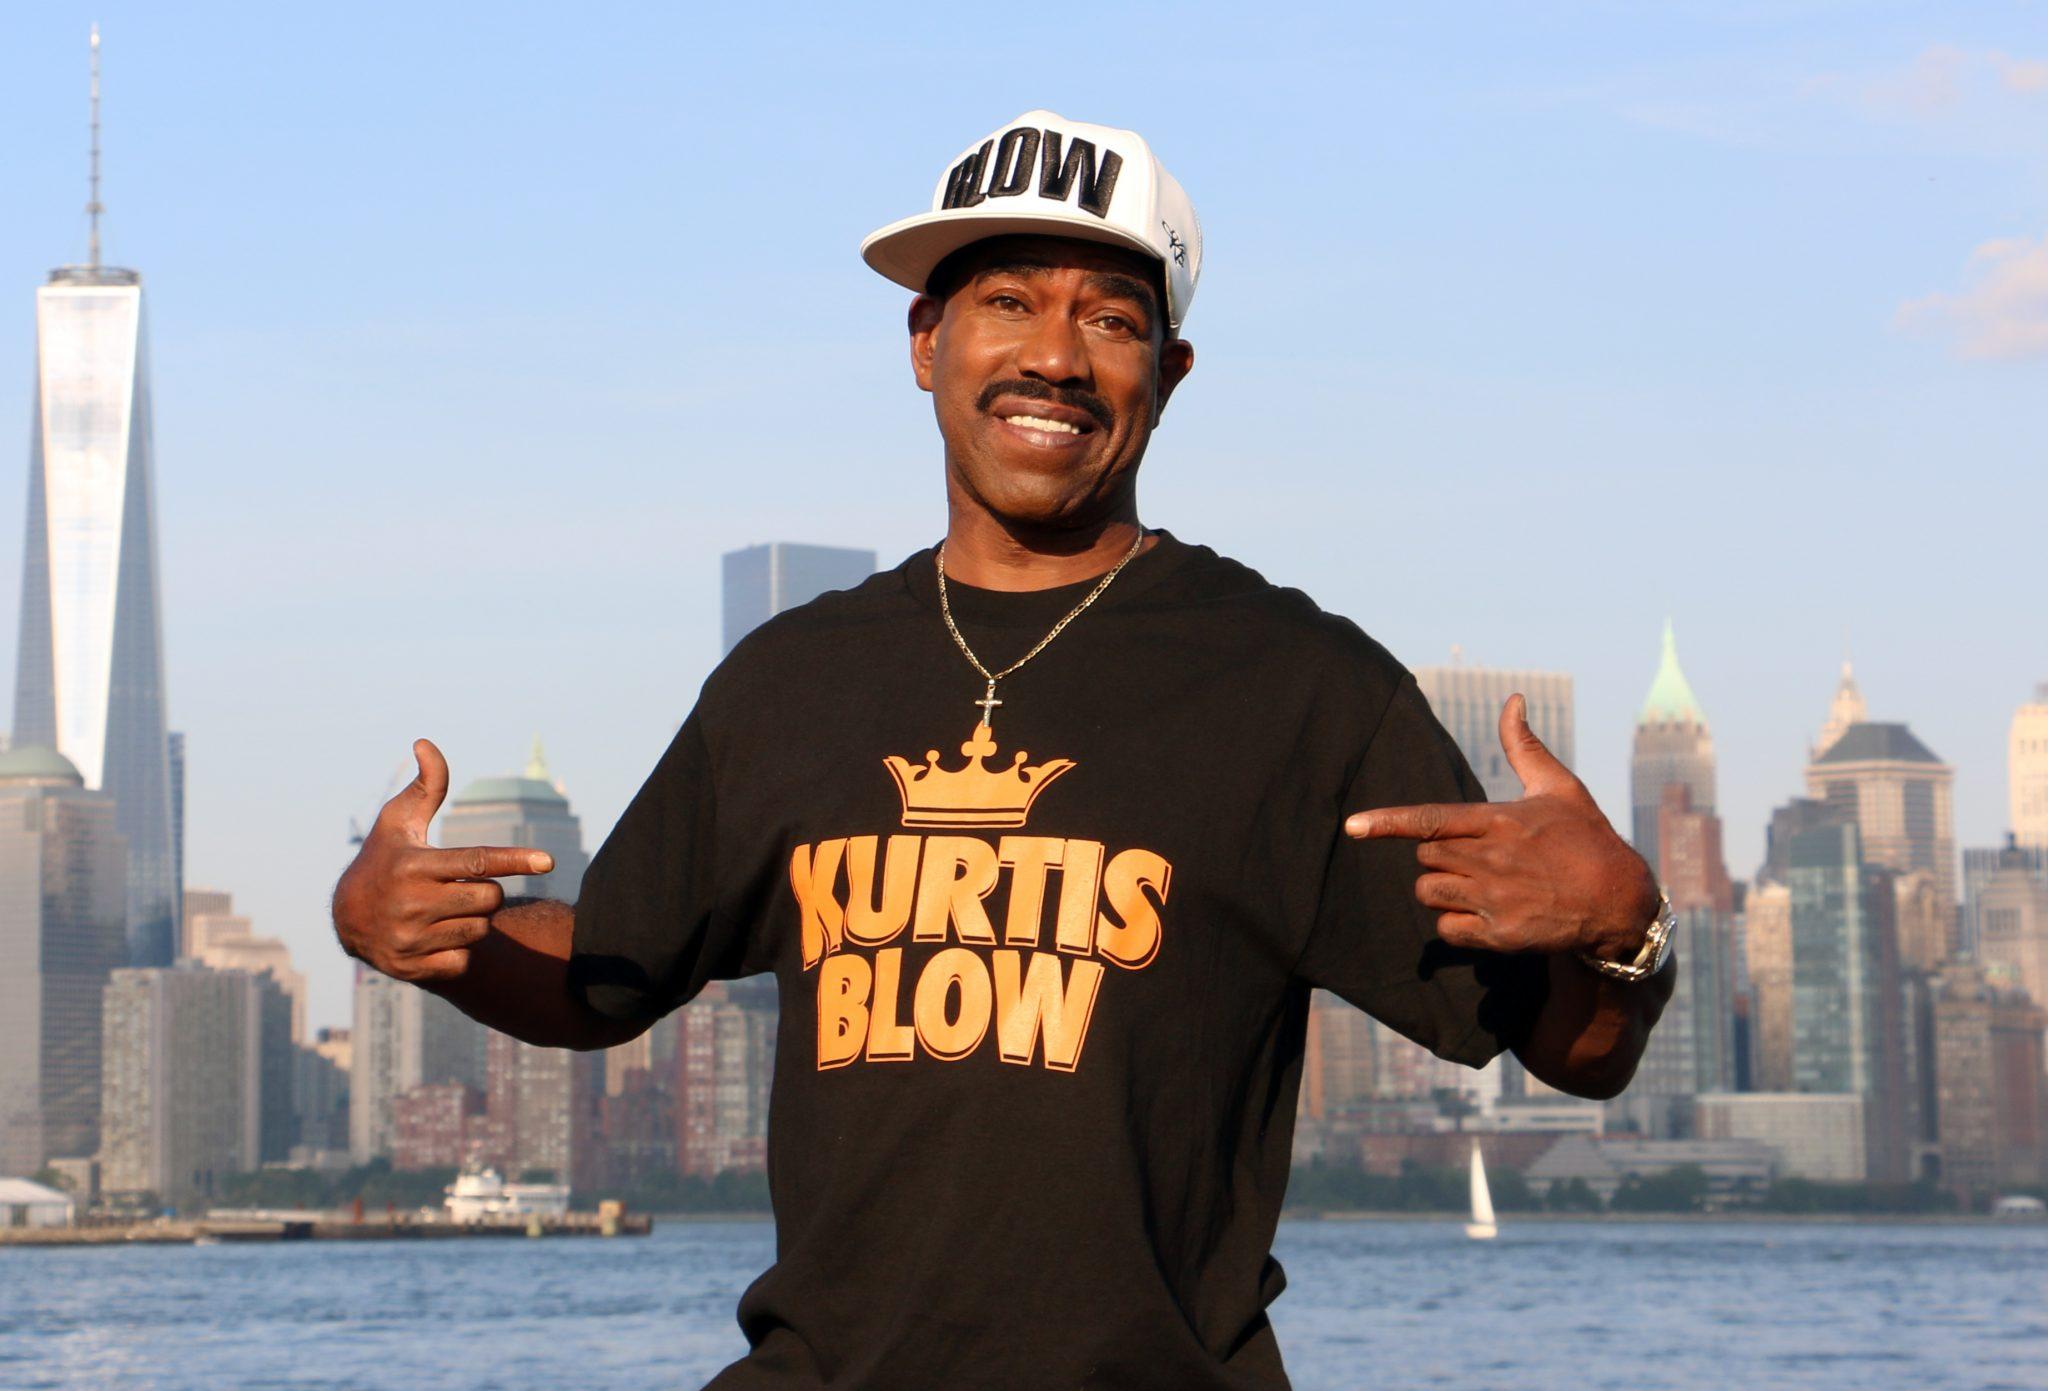 Kurtis Blow sufre un ataque al corazón y un policía le salva la vida